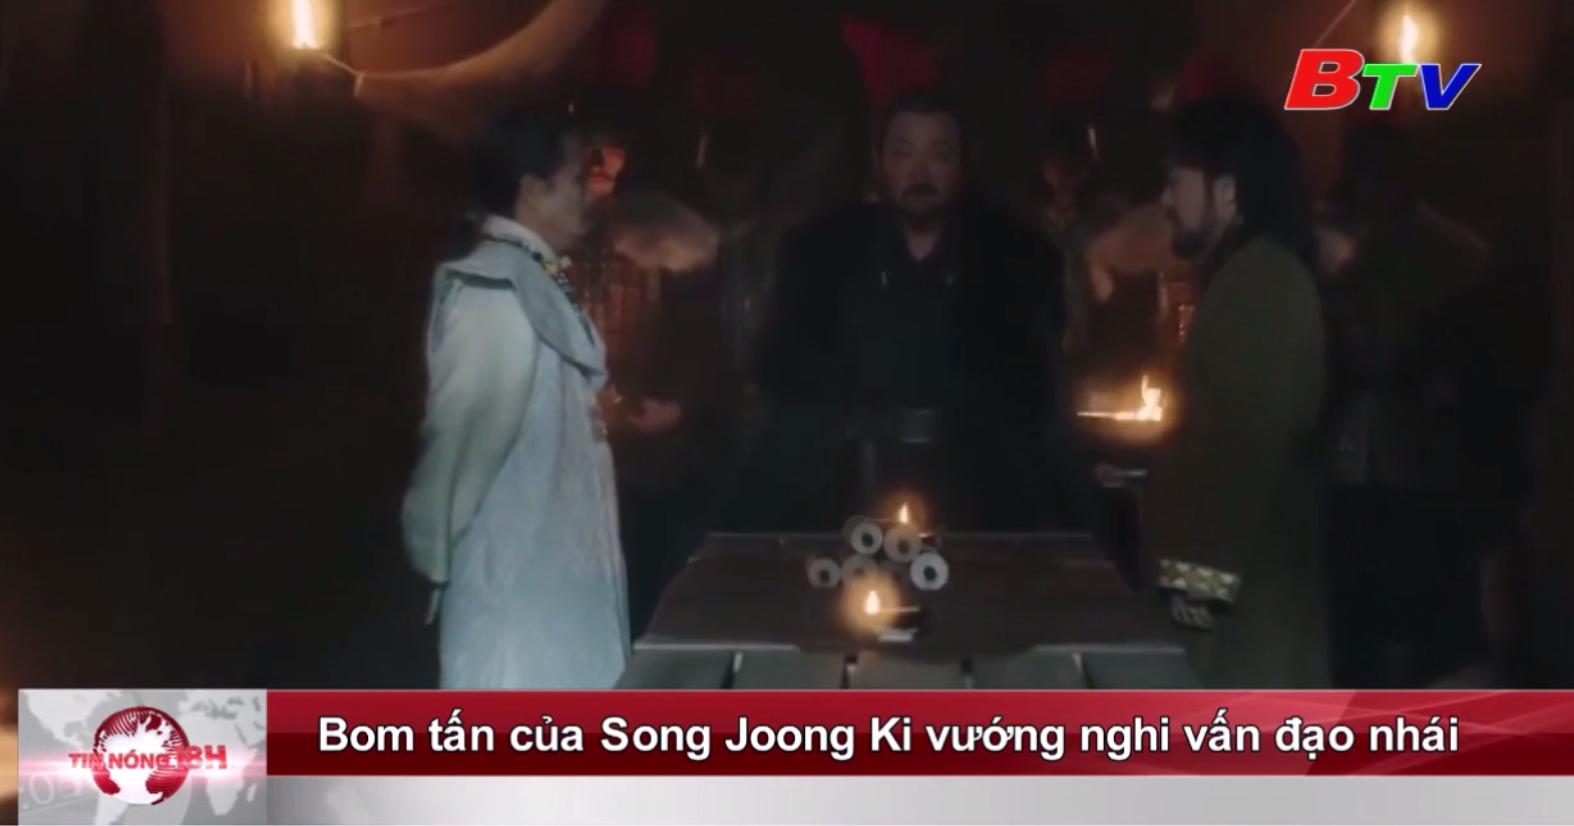 Bom tấn của Song Joong Ki vướng nghi vấn đạo nhái